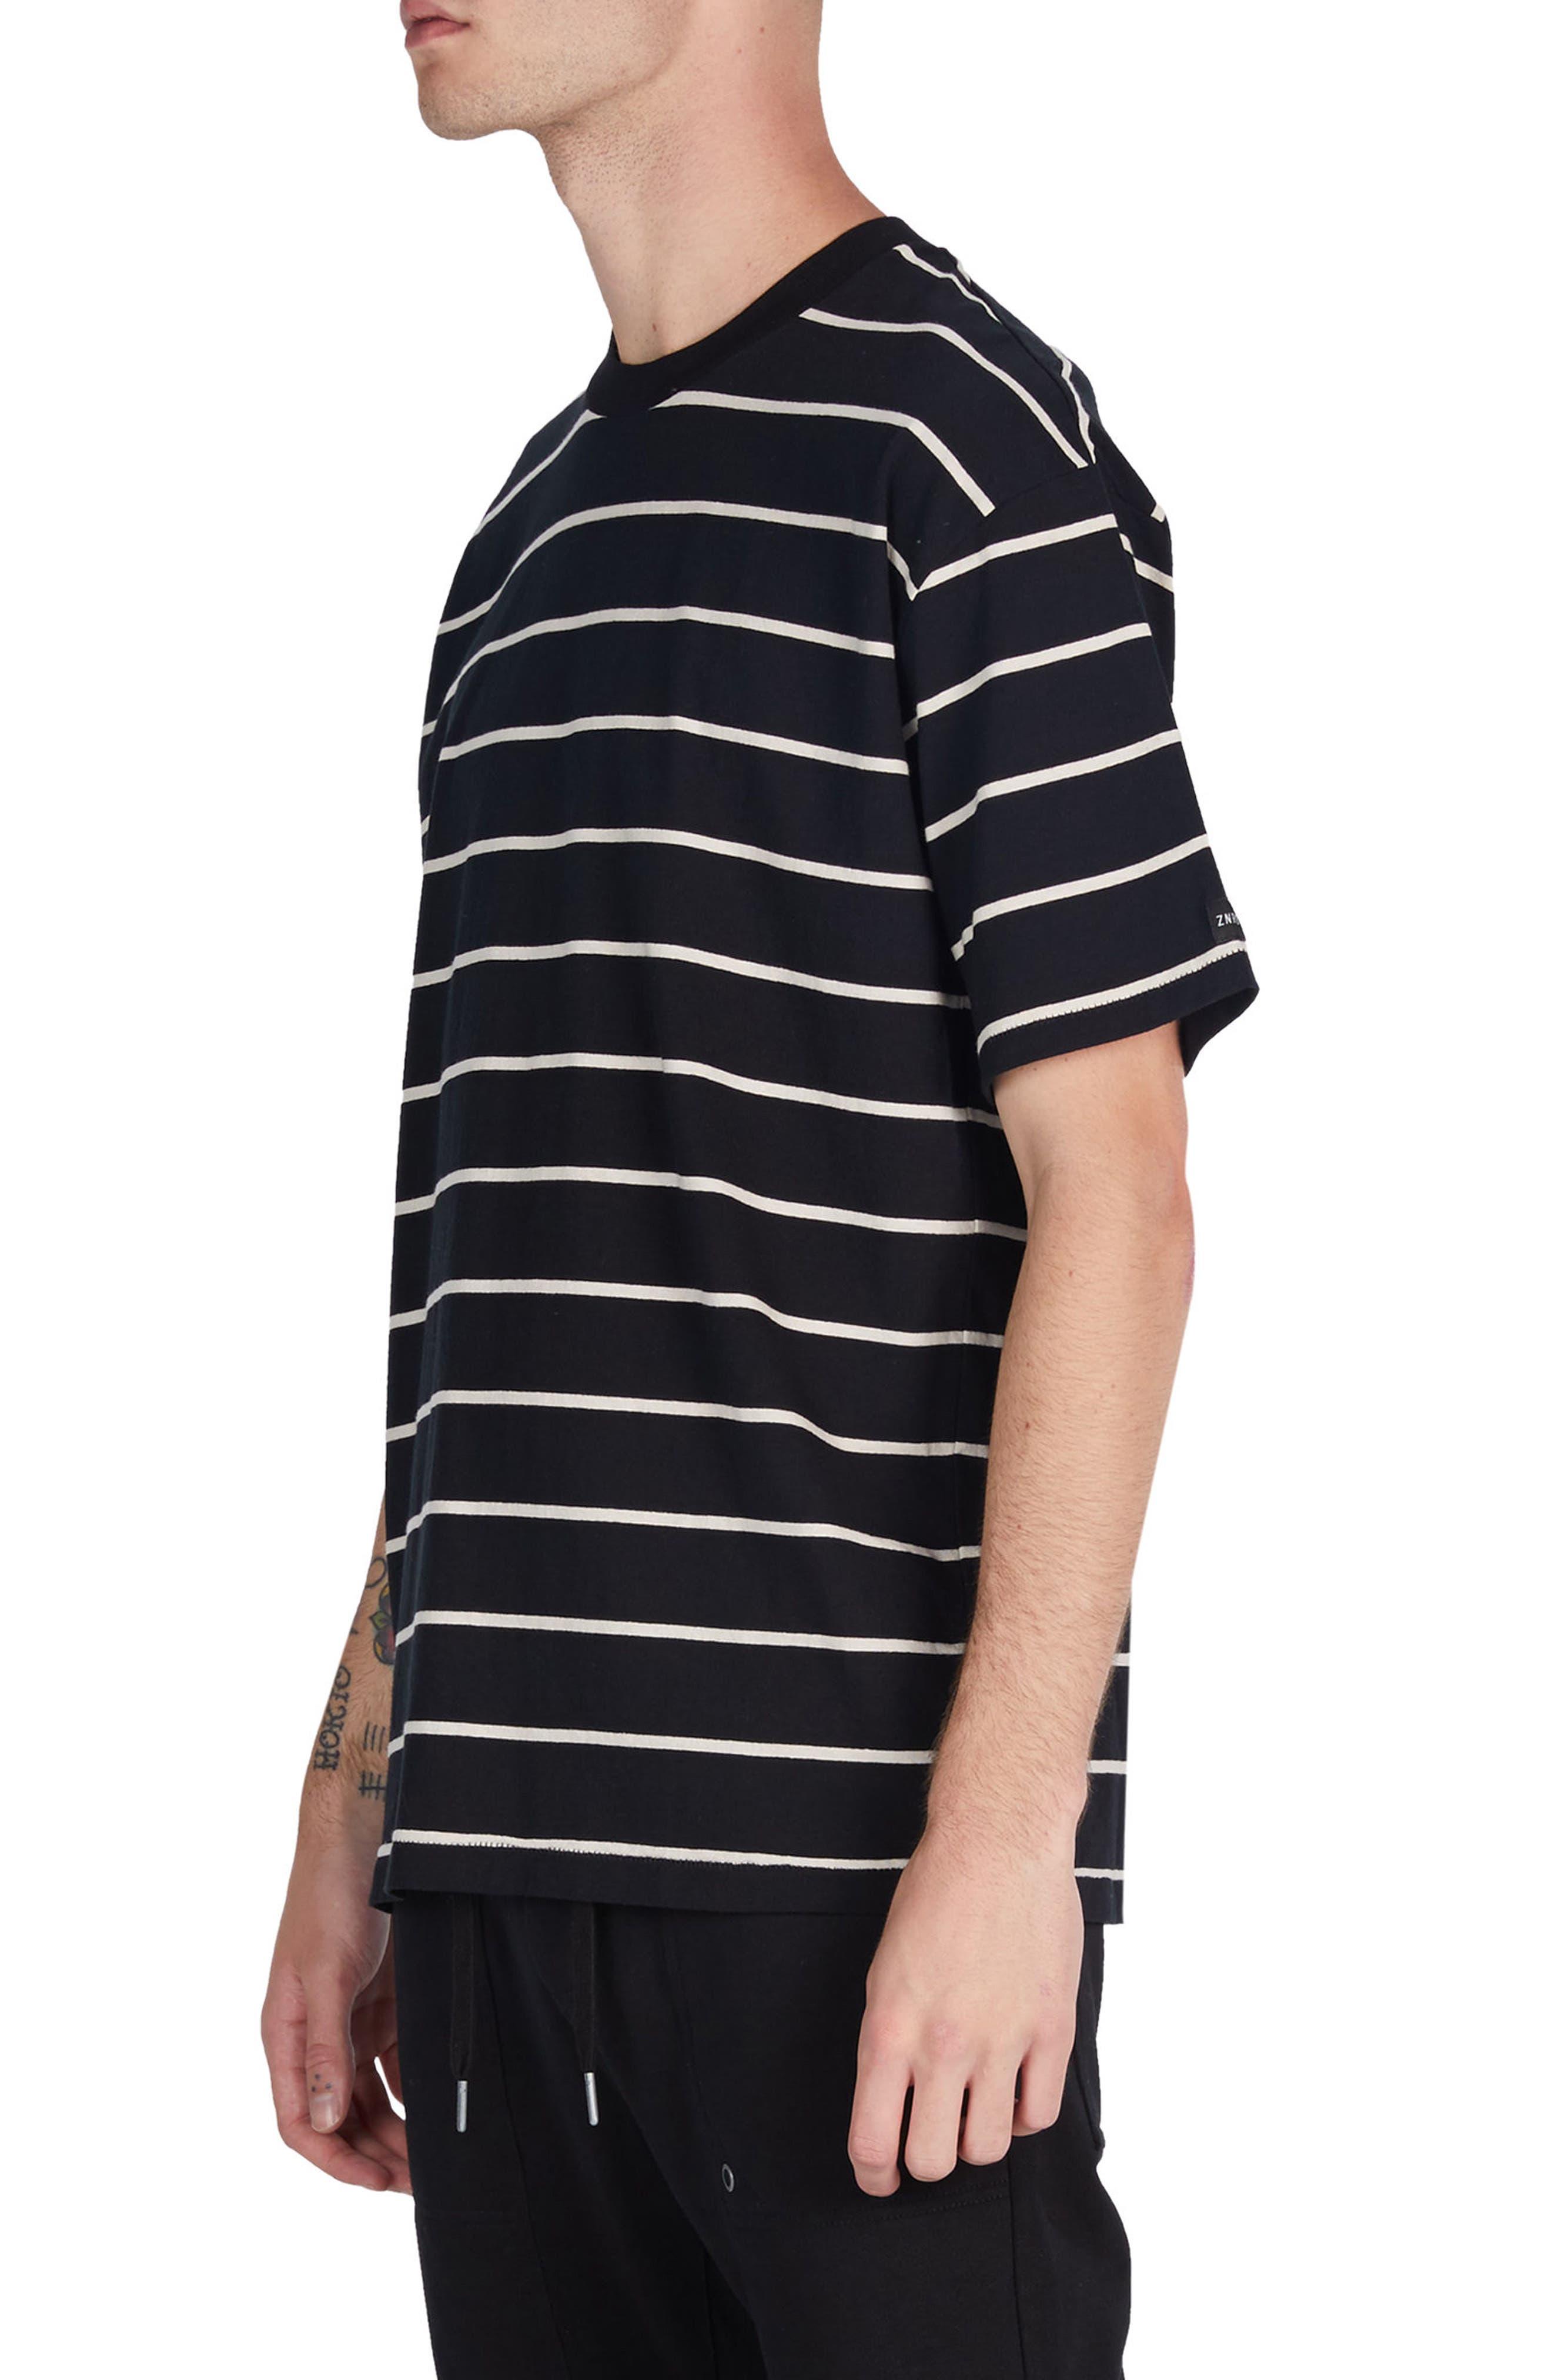 Box Stripes T-Shirt,                             Alternate thumbnail 4, color,                             001